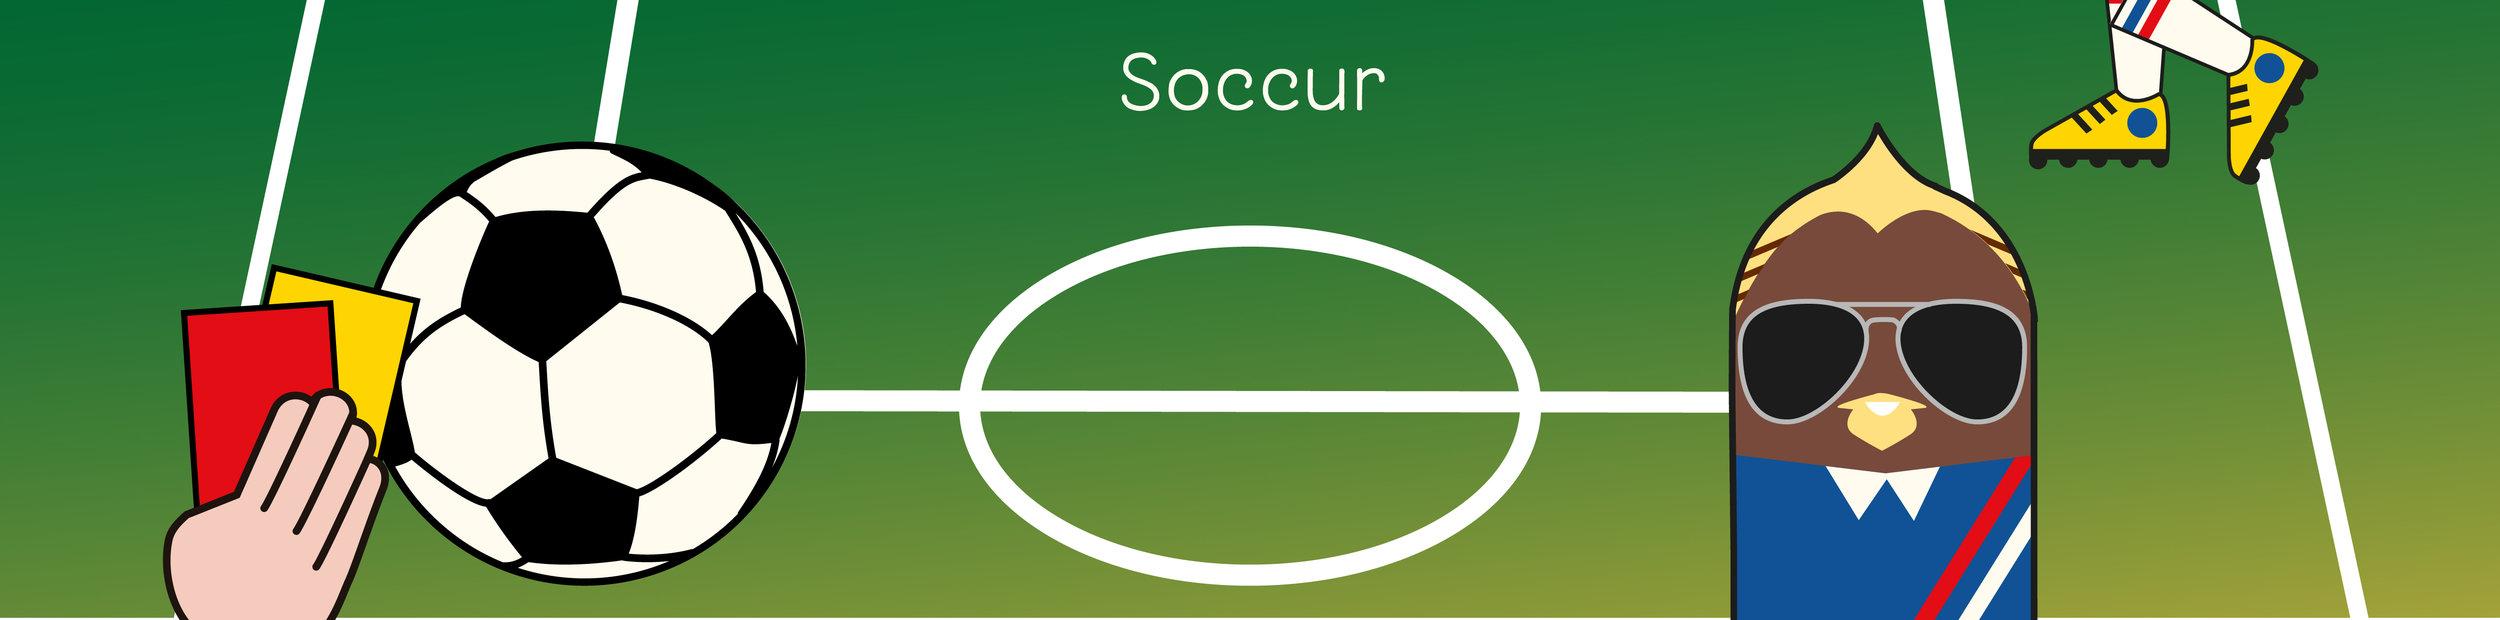 banner-soccer